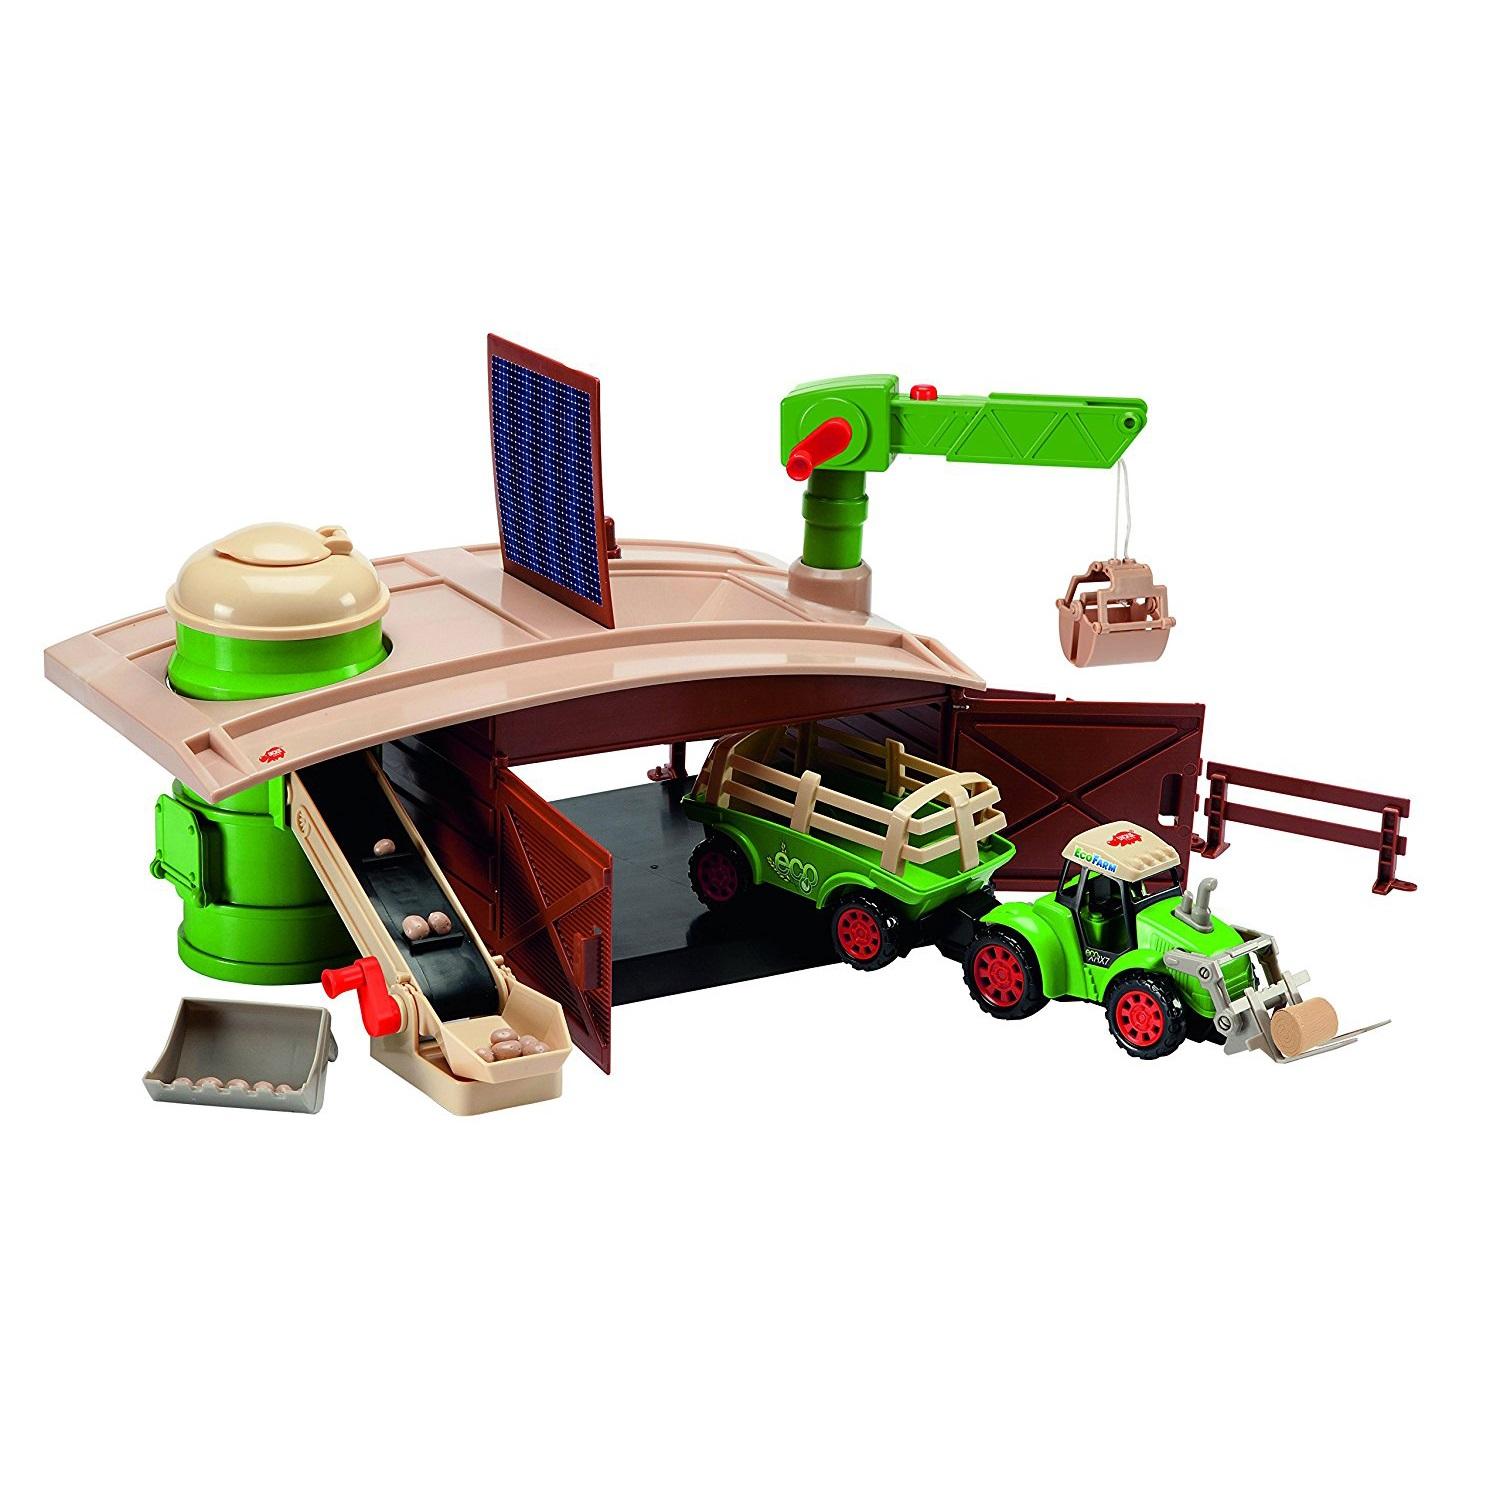 Большой набор Эко-ферма с трактором и краном - Игровые наборы Зоопарк, Ферма, артикул: 154373